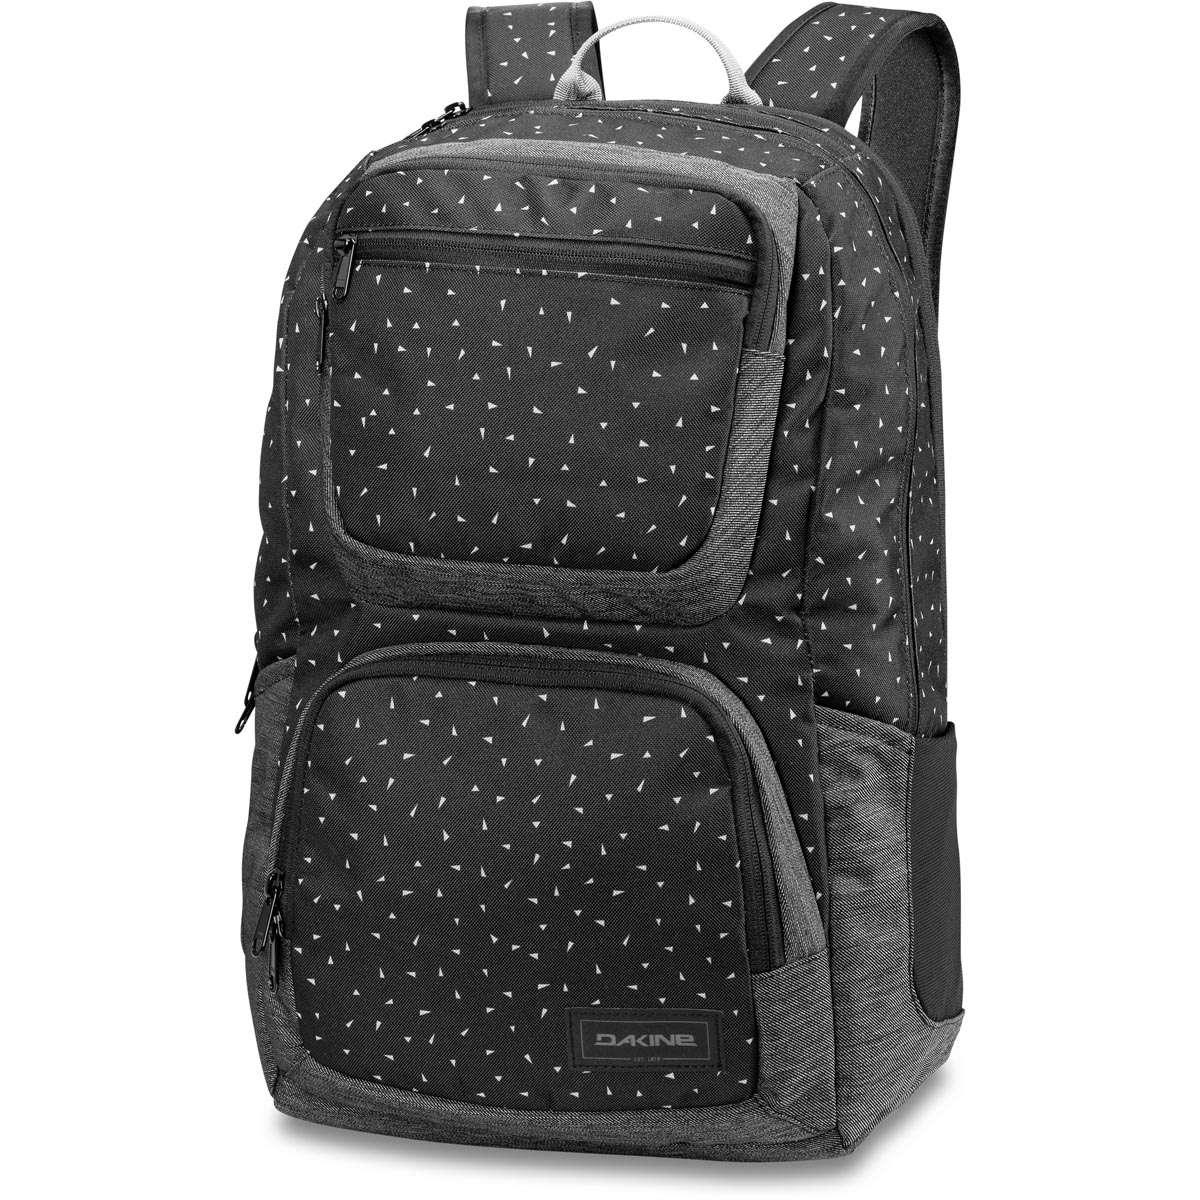 38460cca153d4 Dakine Jewel 26L Backpack Kiki